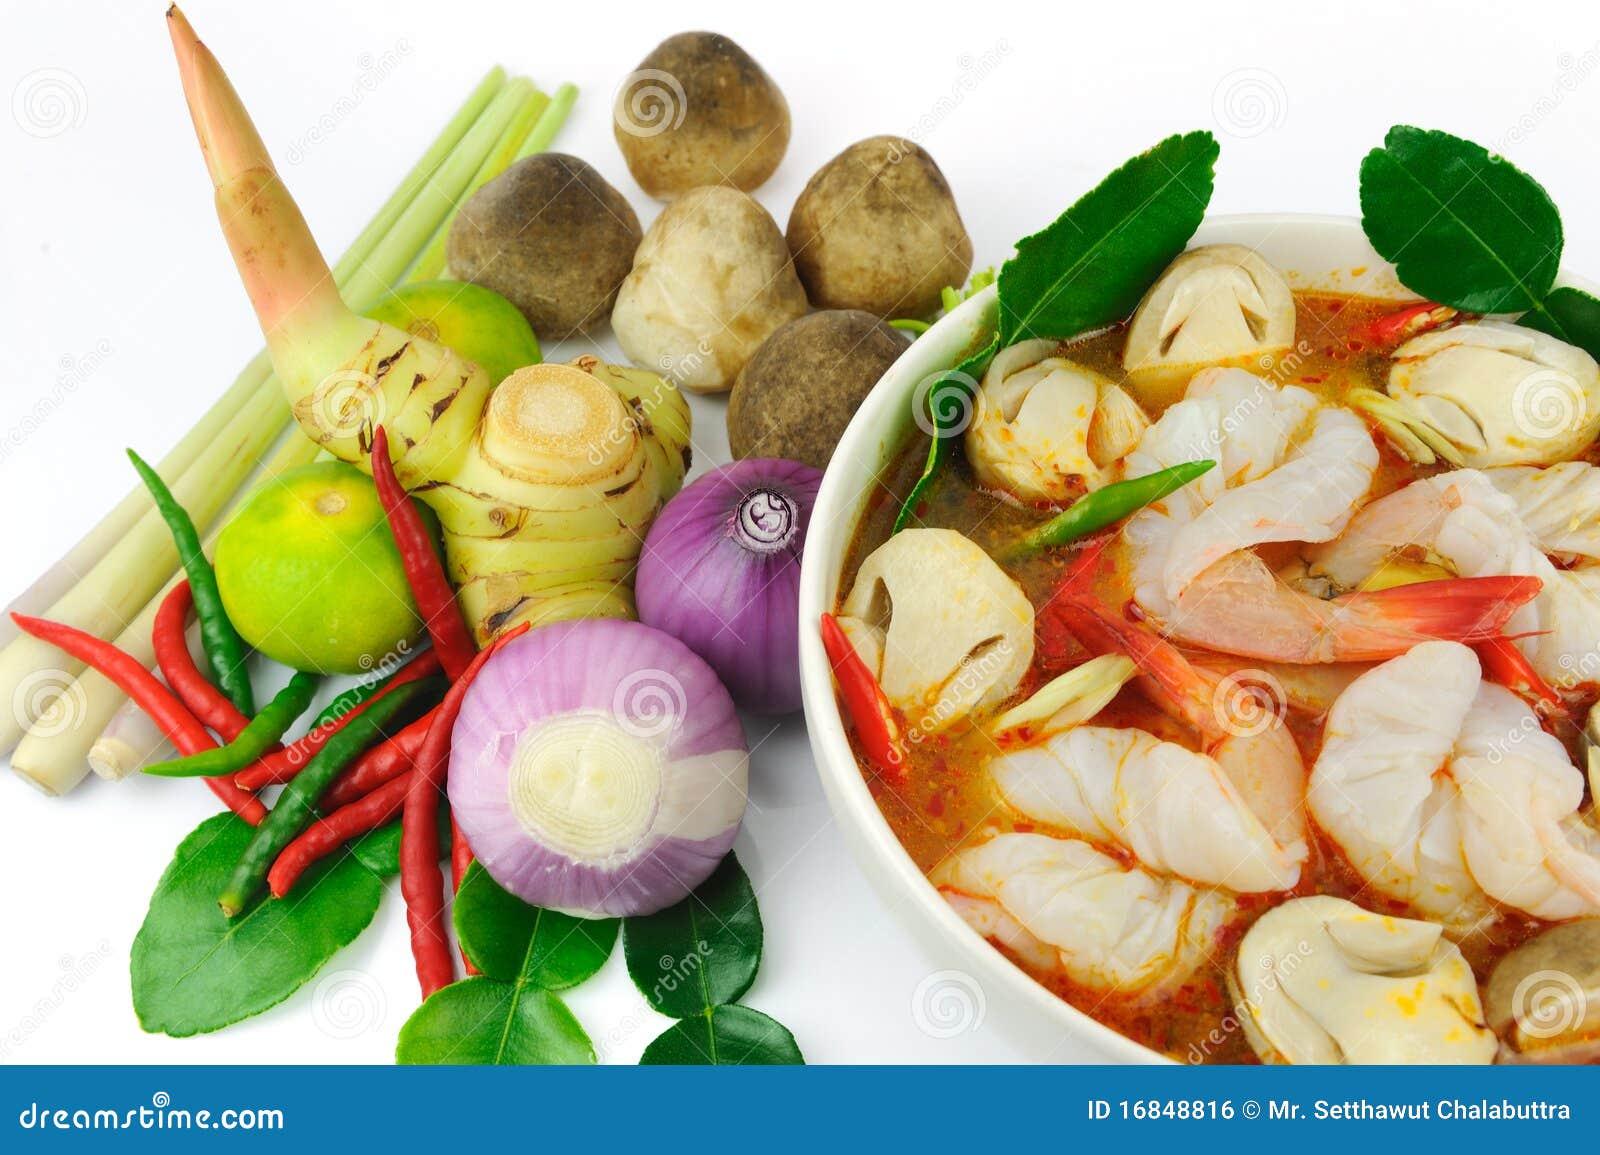 THAI FOOD INGREDIENTS DOWNLOAD